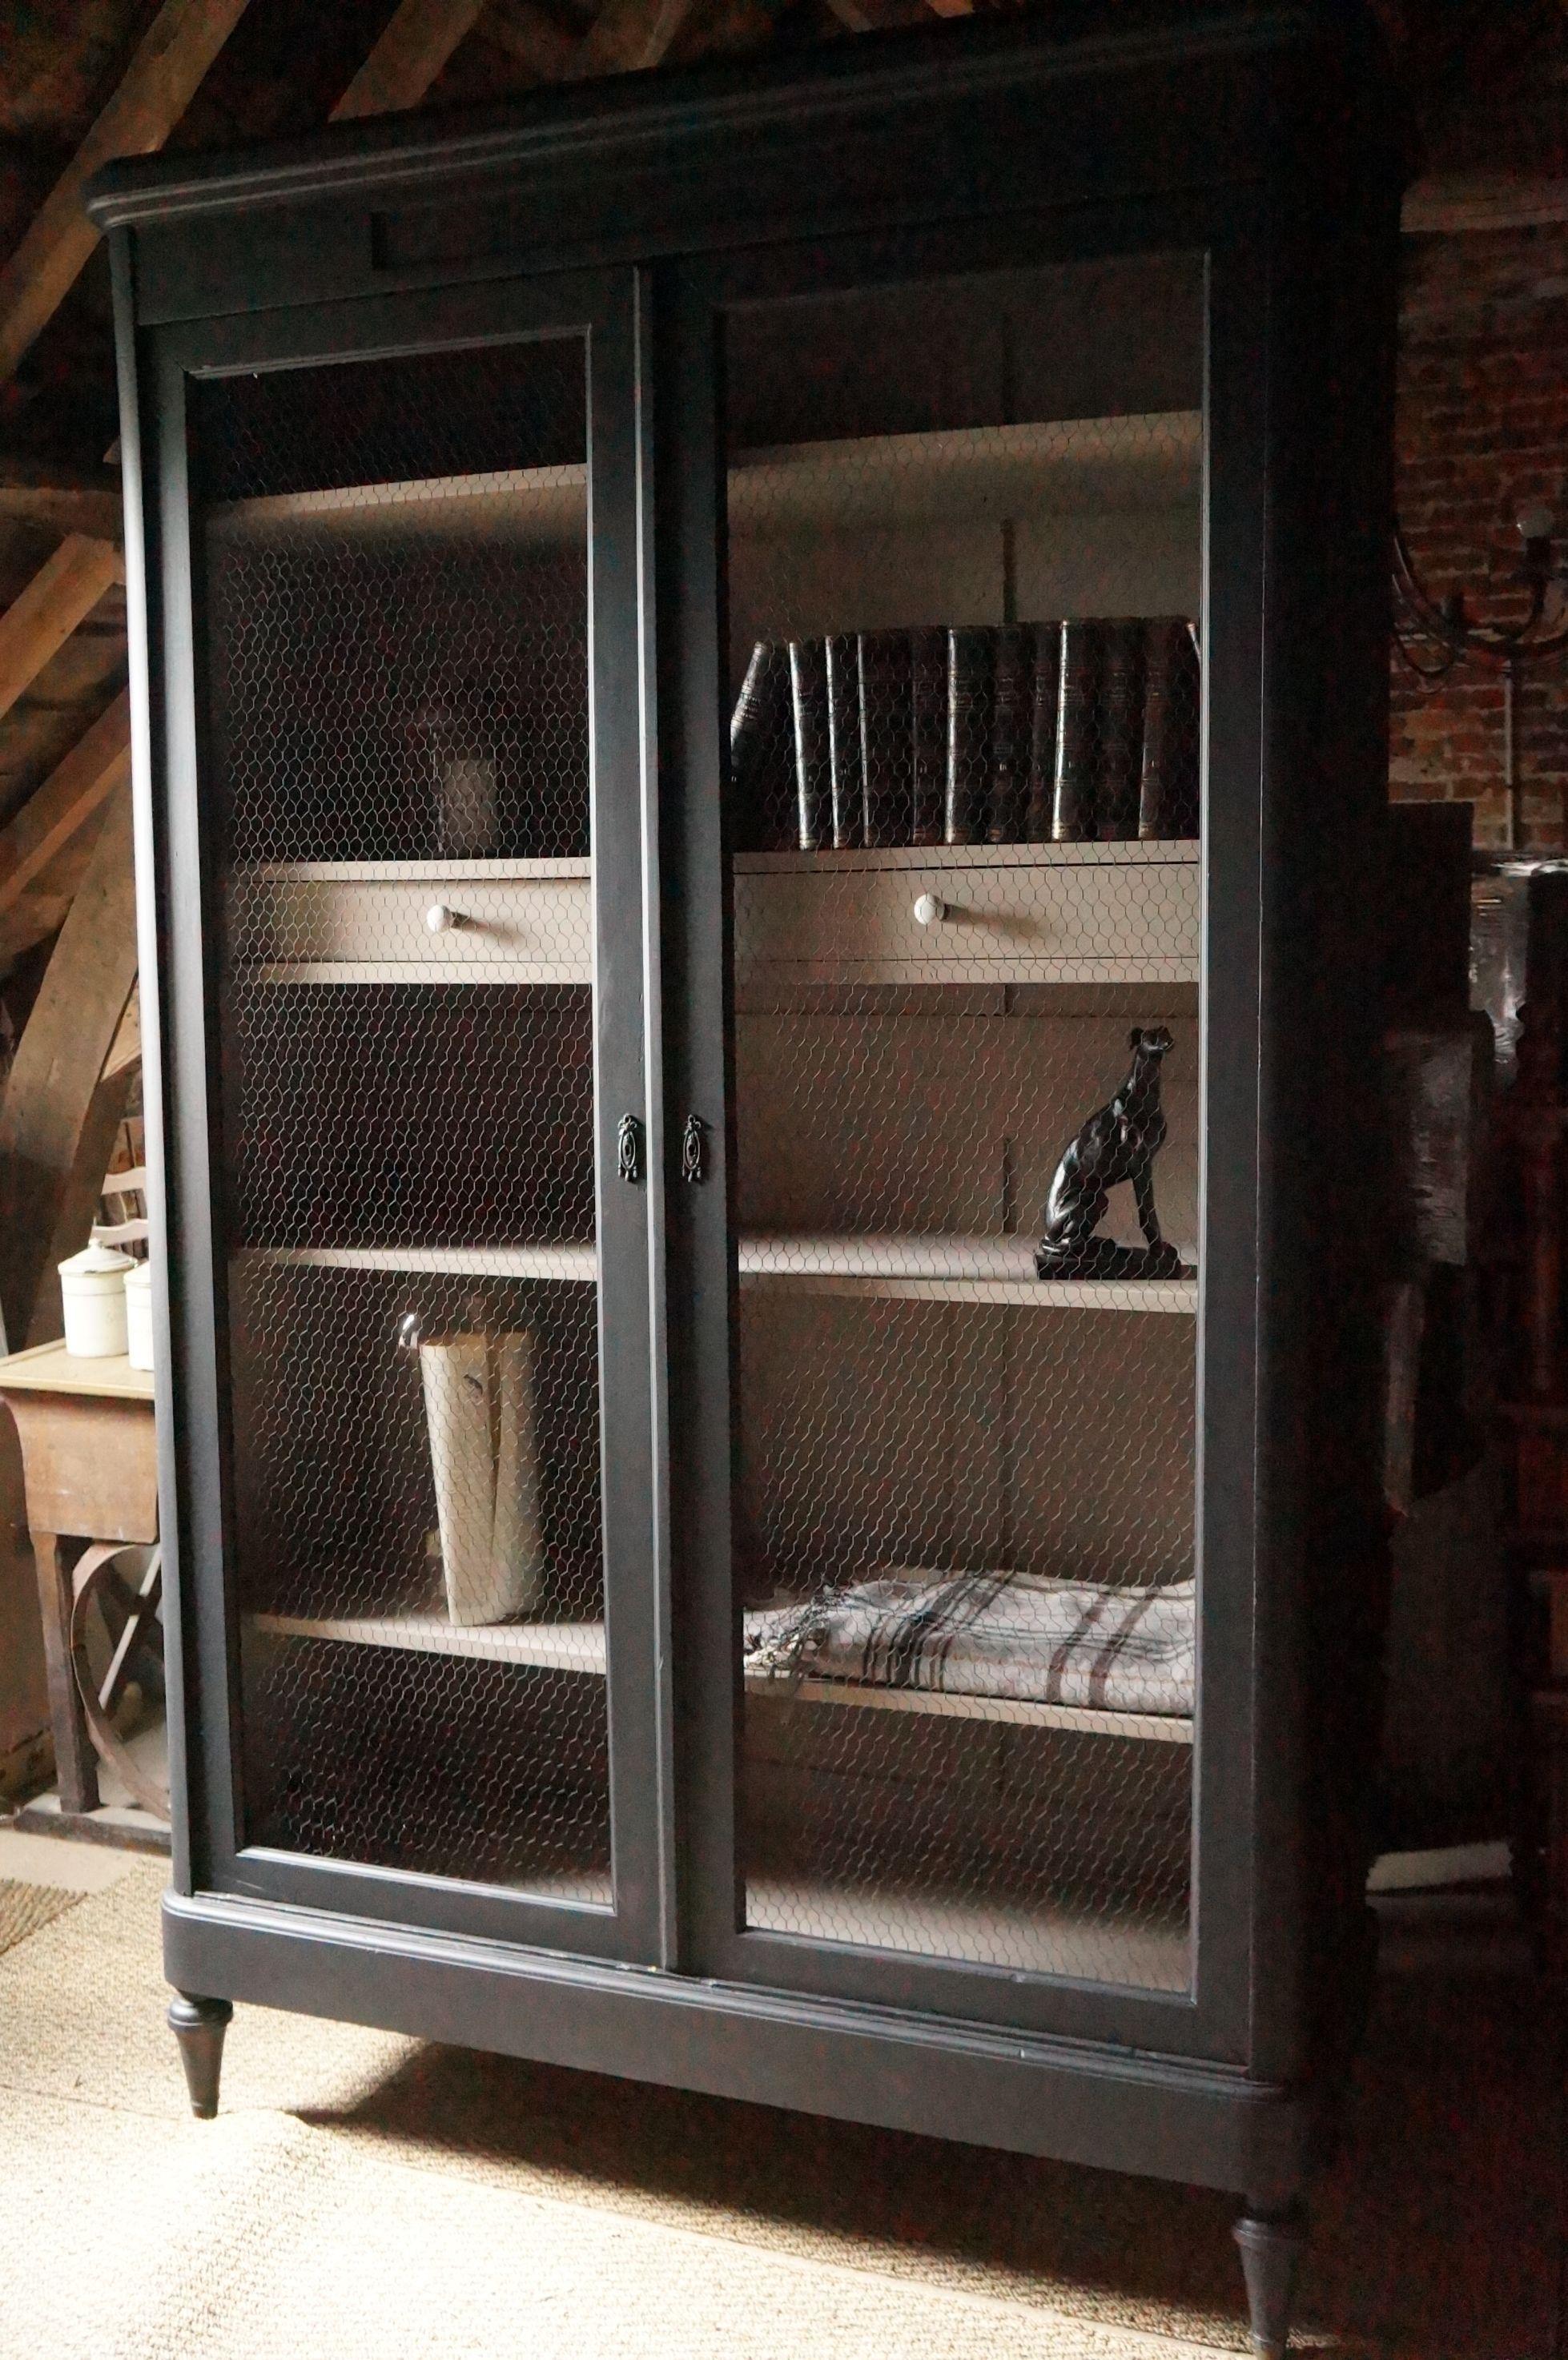 armoire biblioth que rangement patin e noire cage a poule. Black Bedroom Furniture Sets. Home Design Ideas